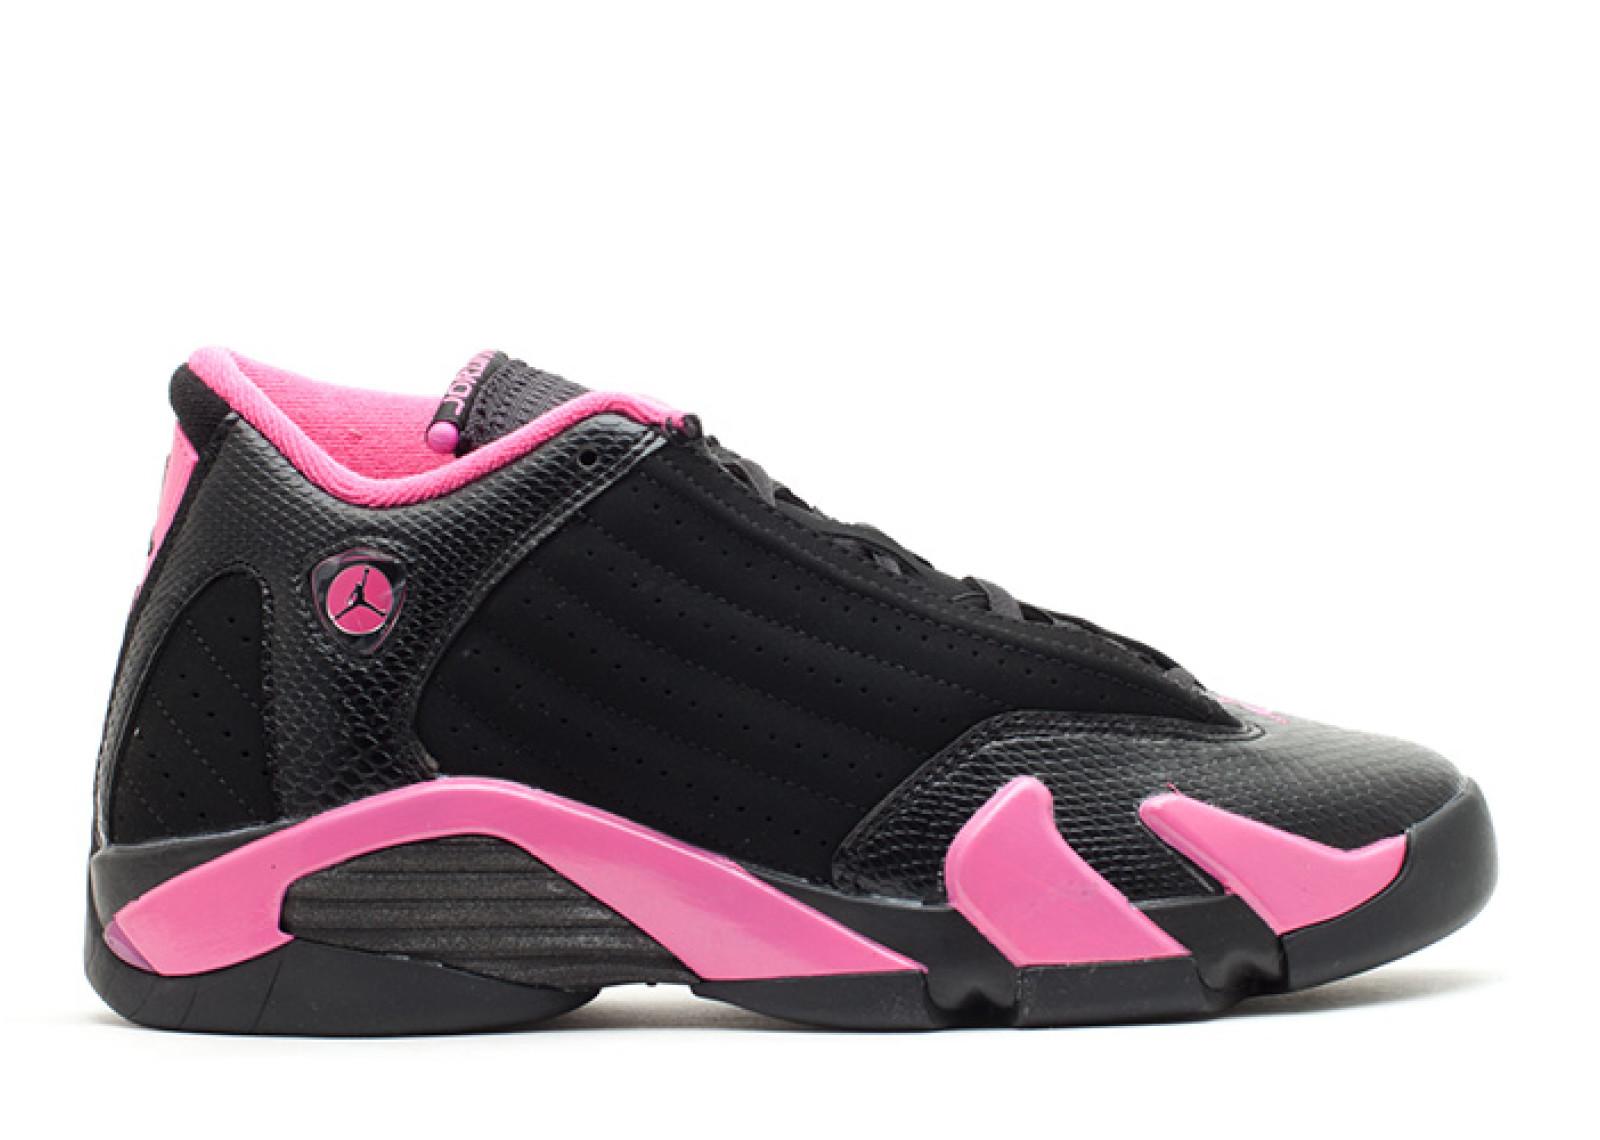 エアー ジョーダン ビッグキッズ 子供用 レトロ ピンク メンズ 男性用 スニーカー 靴 メンズ靴 【 AIR JORDAN PINK GIRLS 14 RETRO GS BLACK DESERT 】